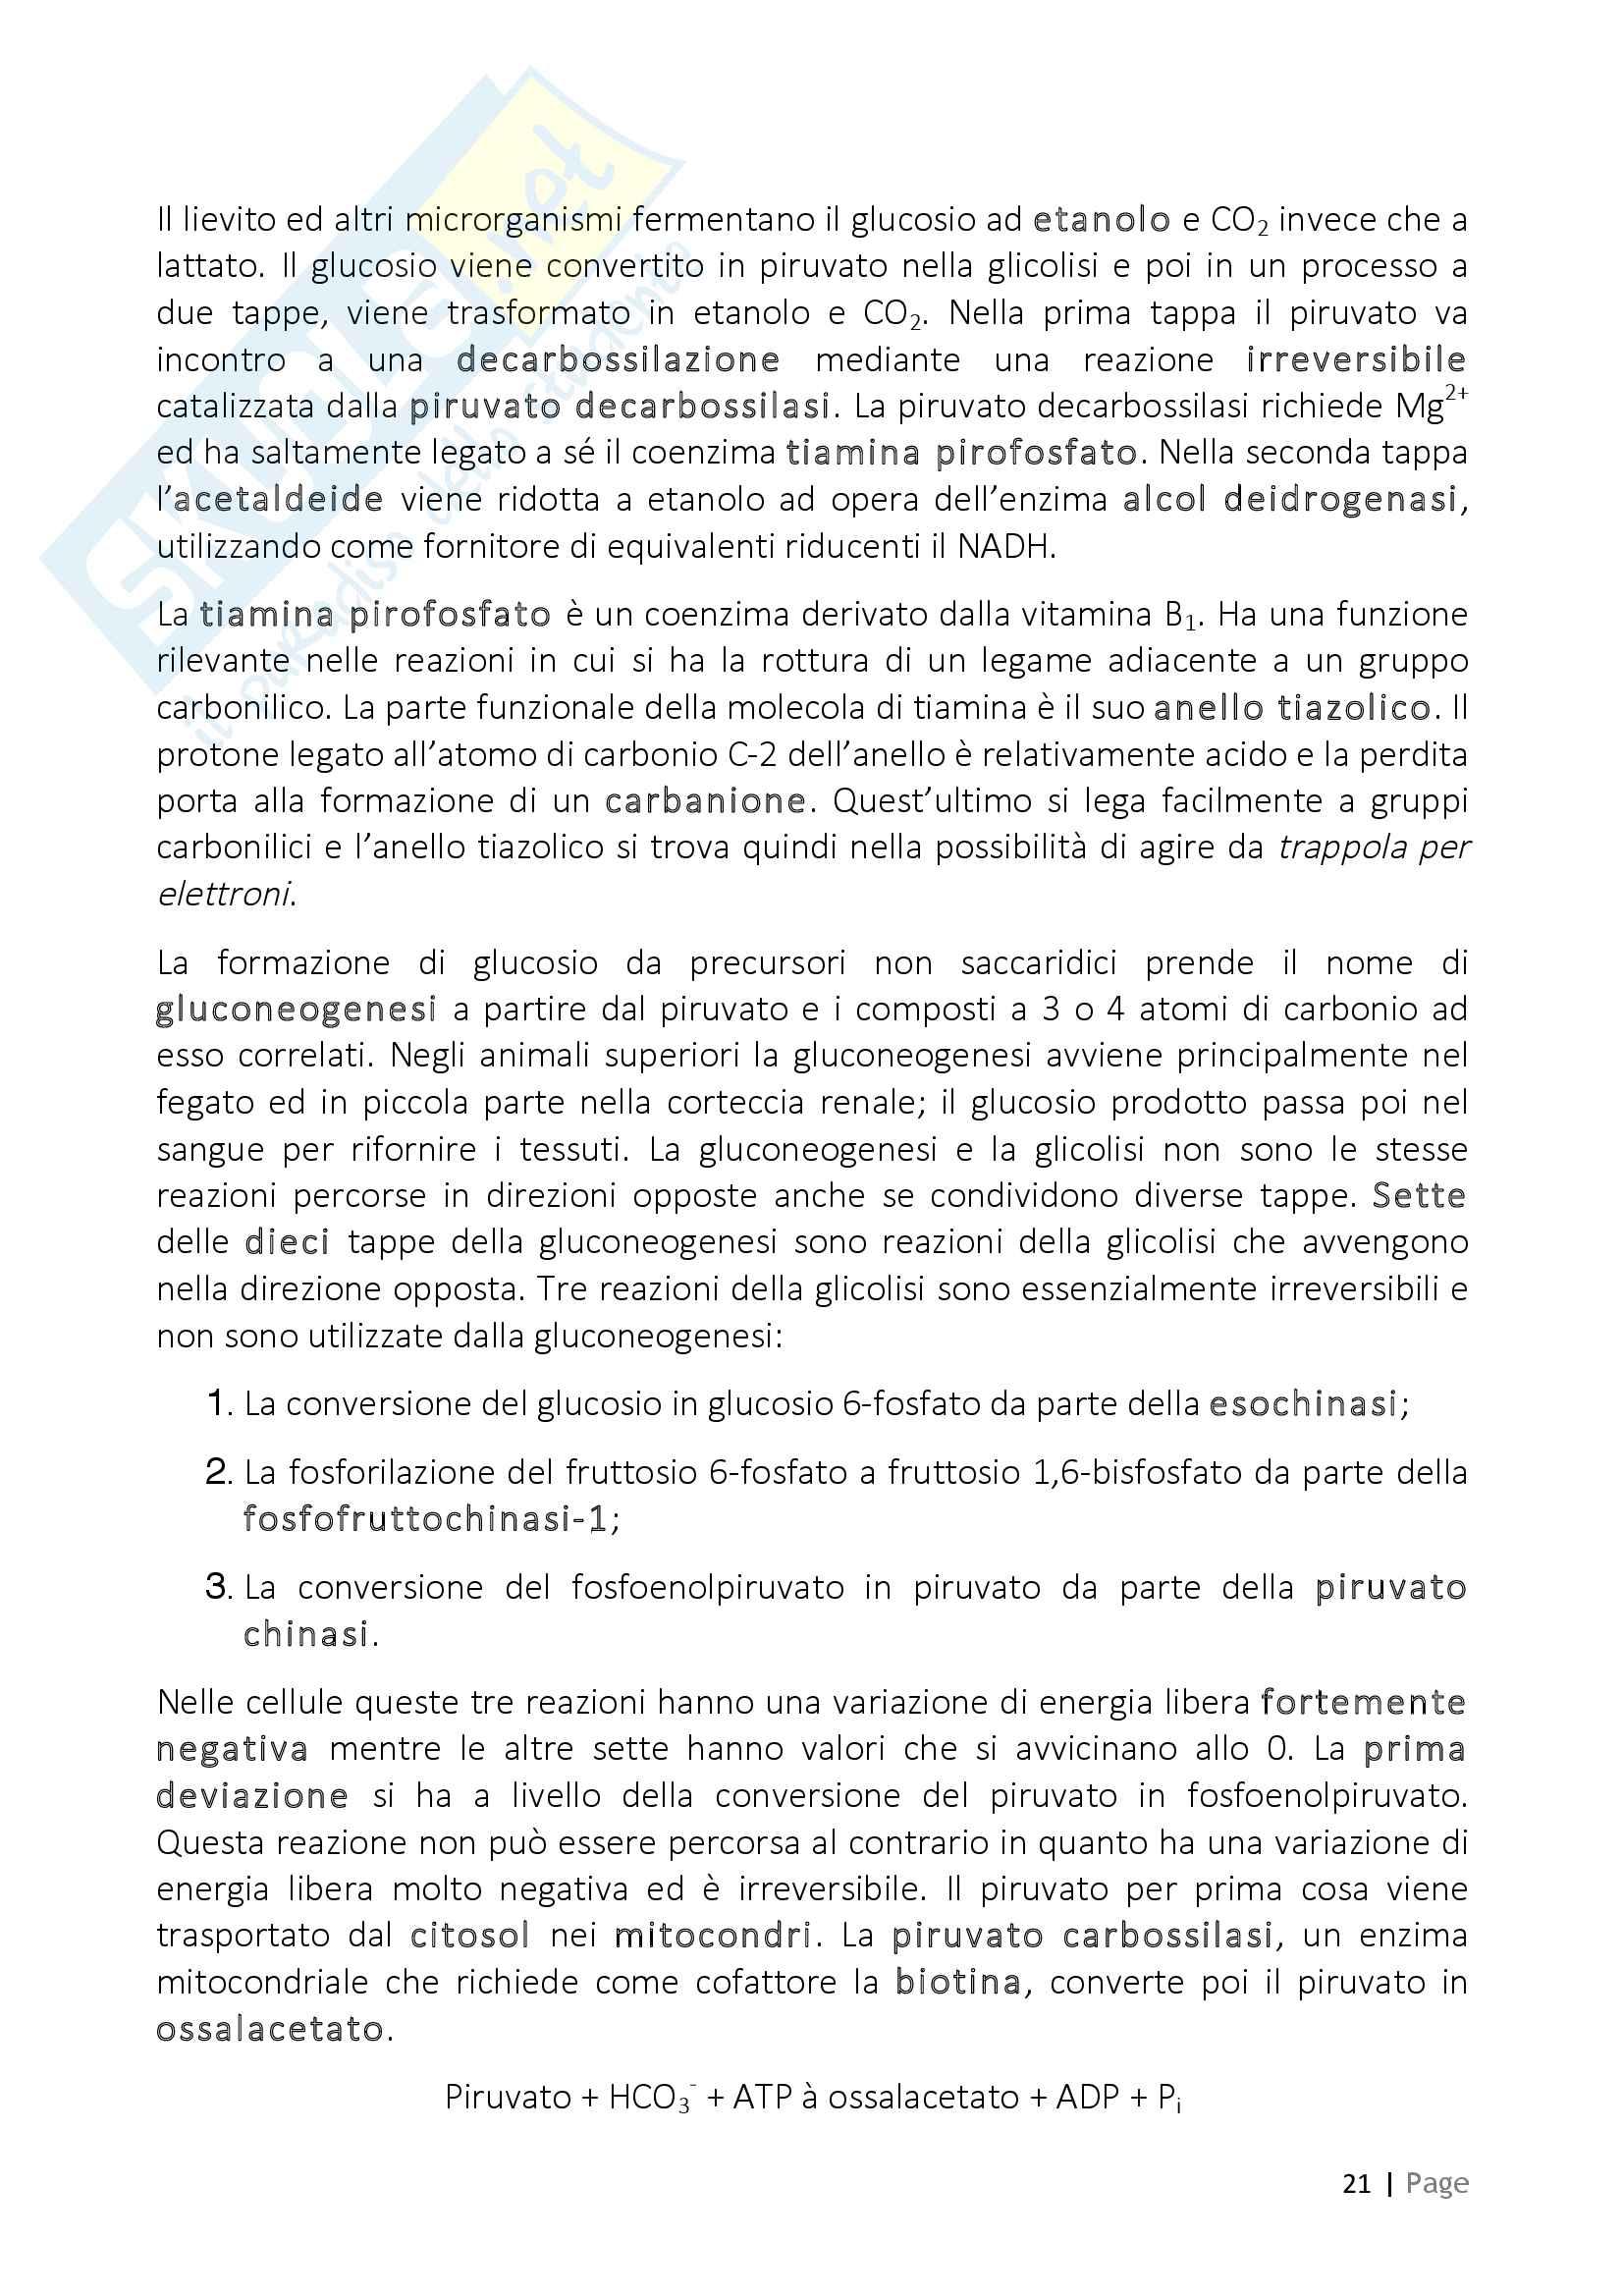 Biochimica, riassunti (prof.ssa Pazzagli) Pag. 21